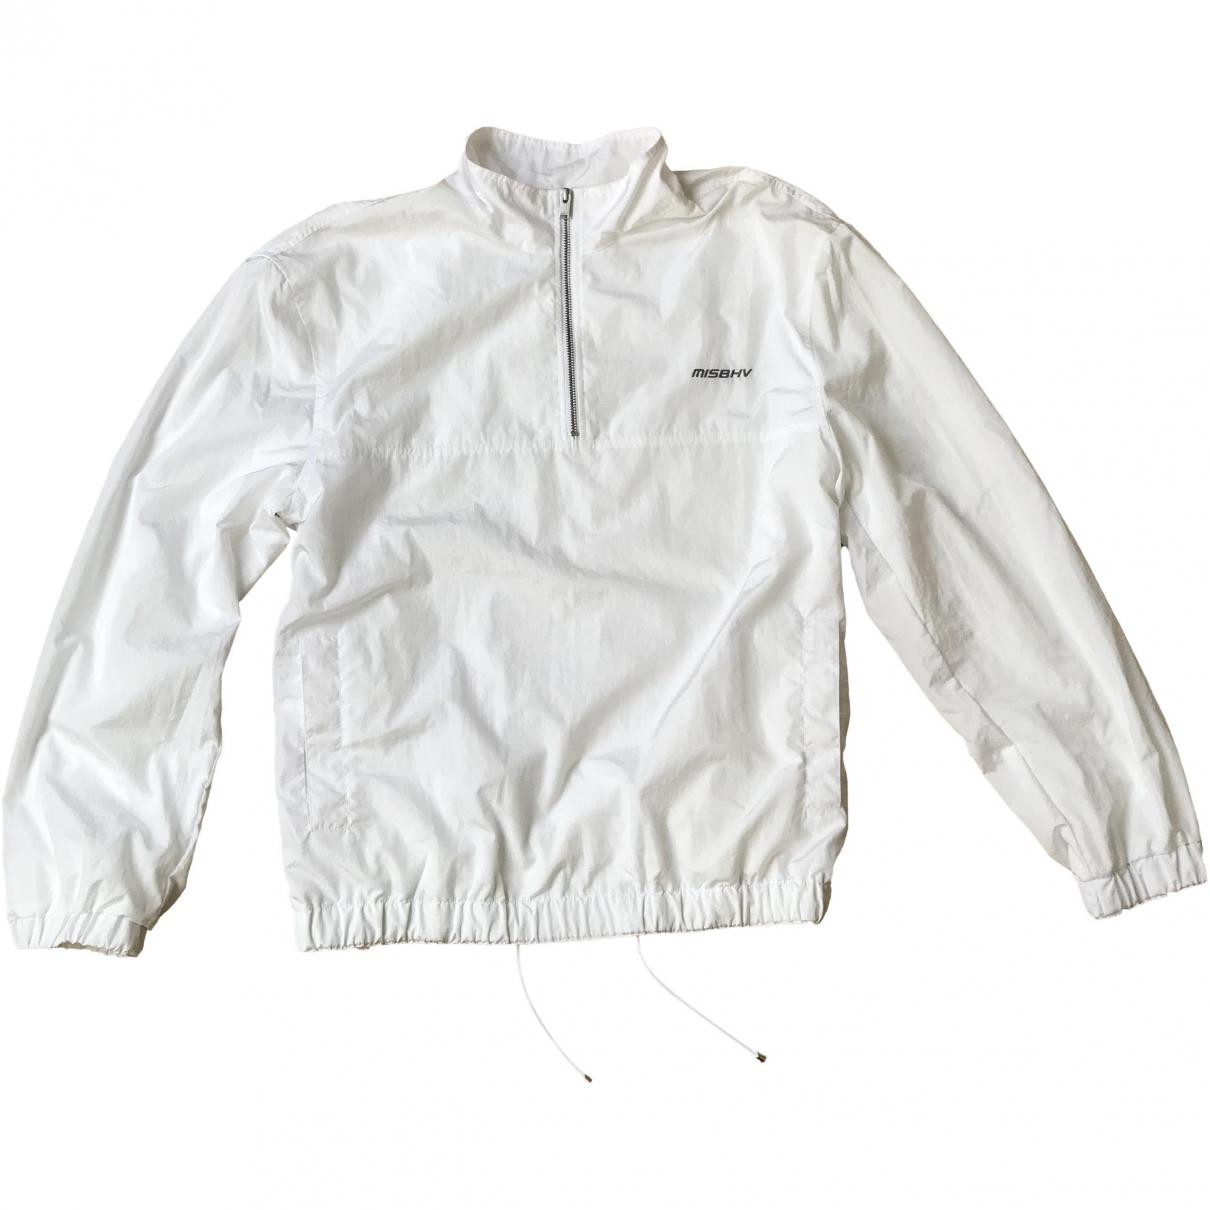 Misbhv \N White jacket  for Men L International